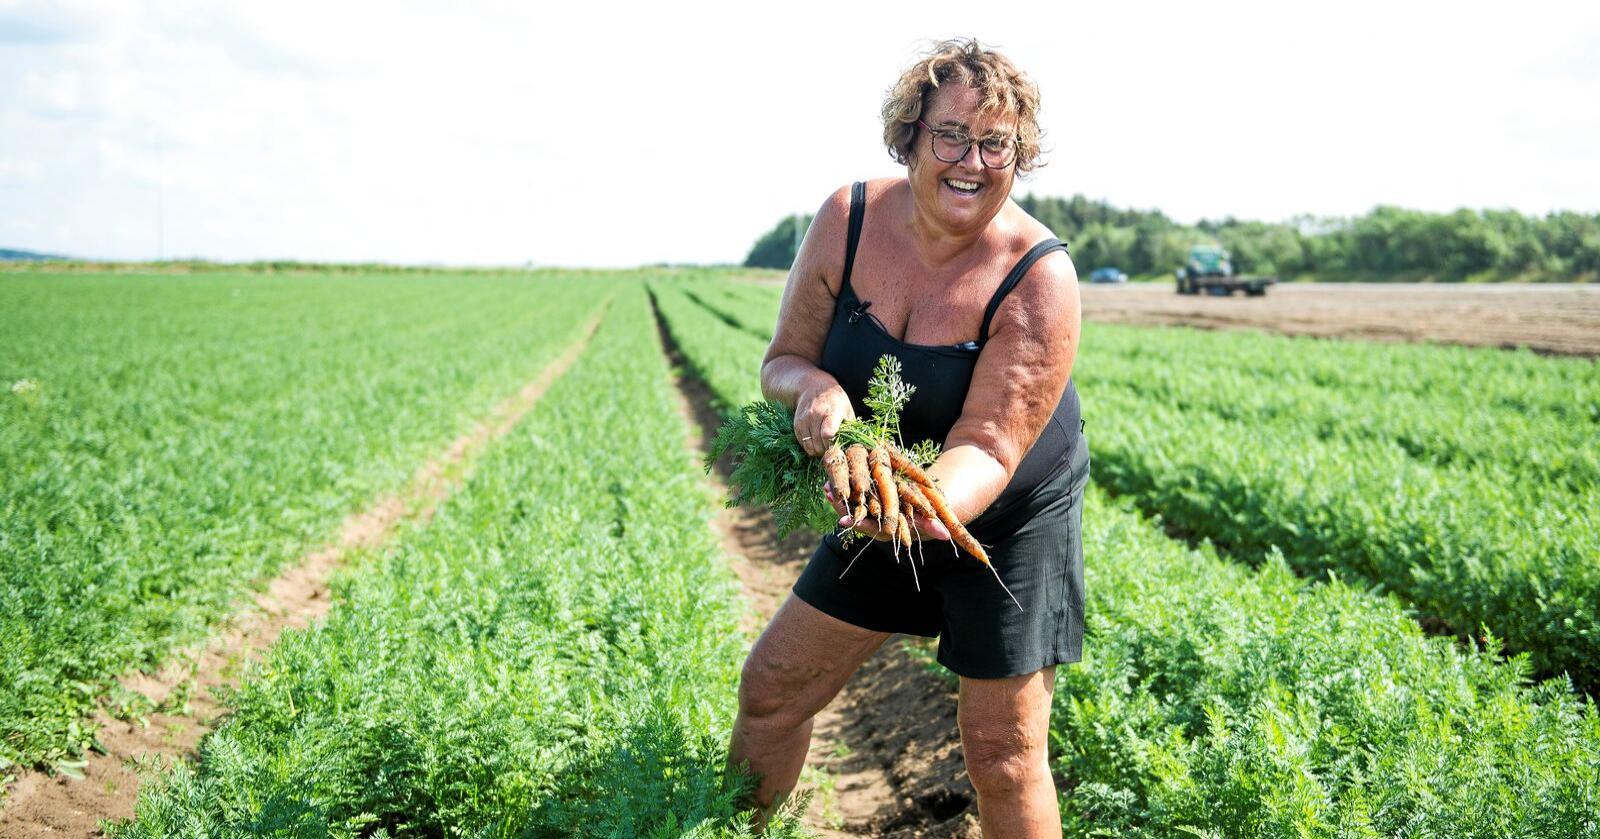 Olaug Bollestad og resten av regjeringen har nå åpnet for at personer på dagpenger kun må melde inn halvparten av timene de jobber i landbruket til NAV.  Foto: Carina Johansen / NTB Scanpix